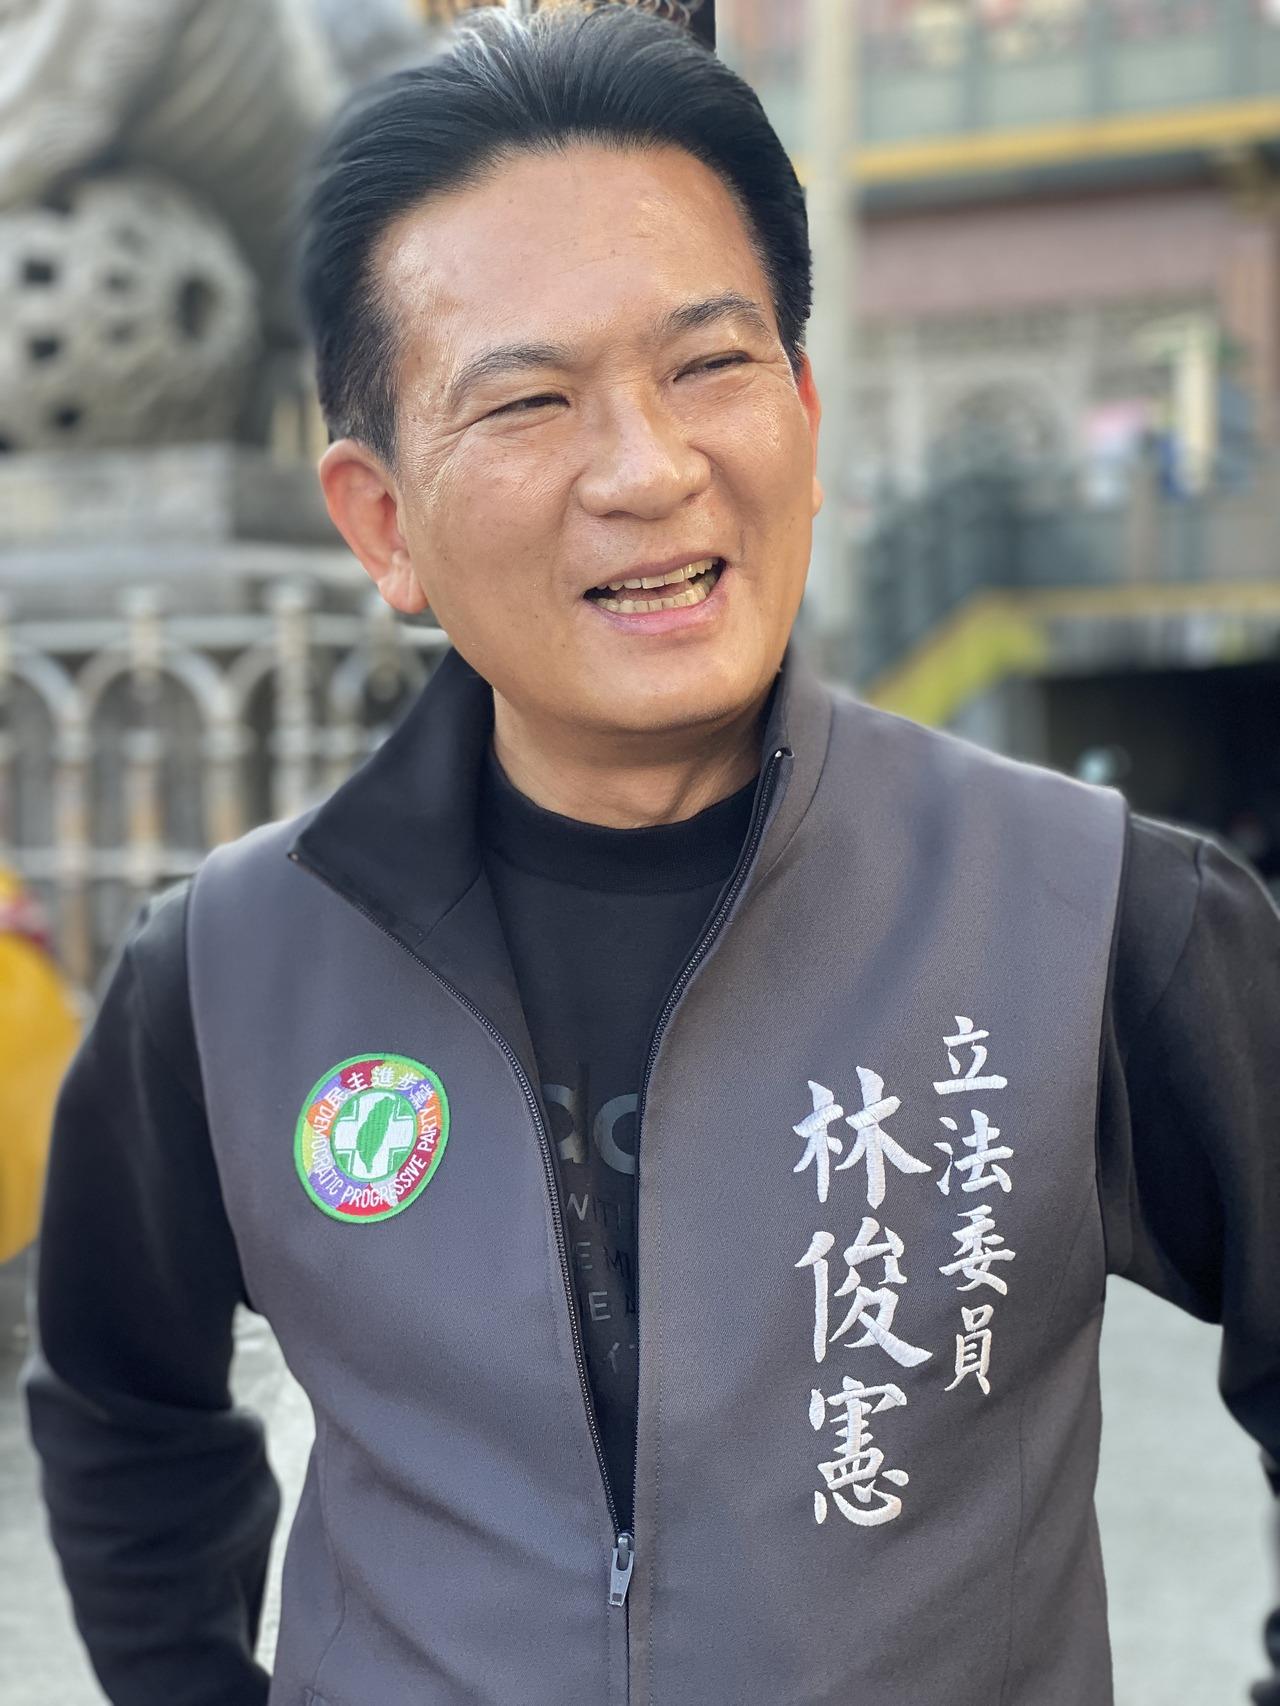 民進黨立委林俊崽。記者修瑞瑩/攝影